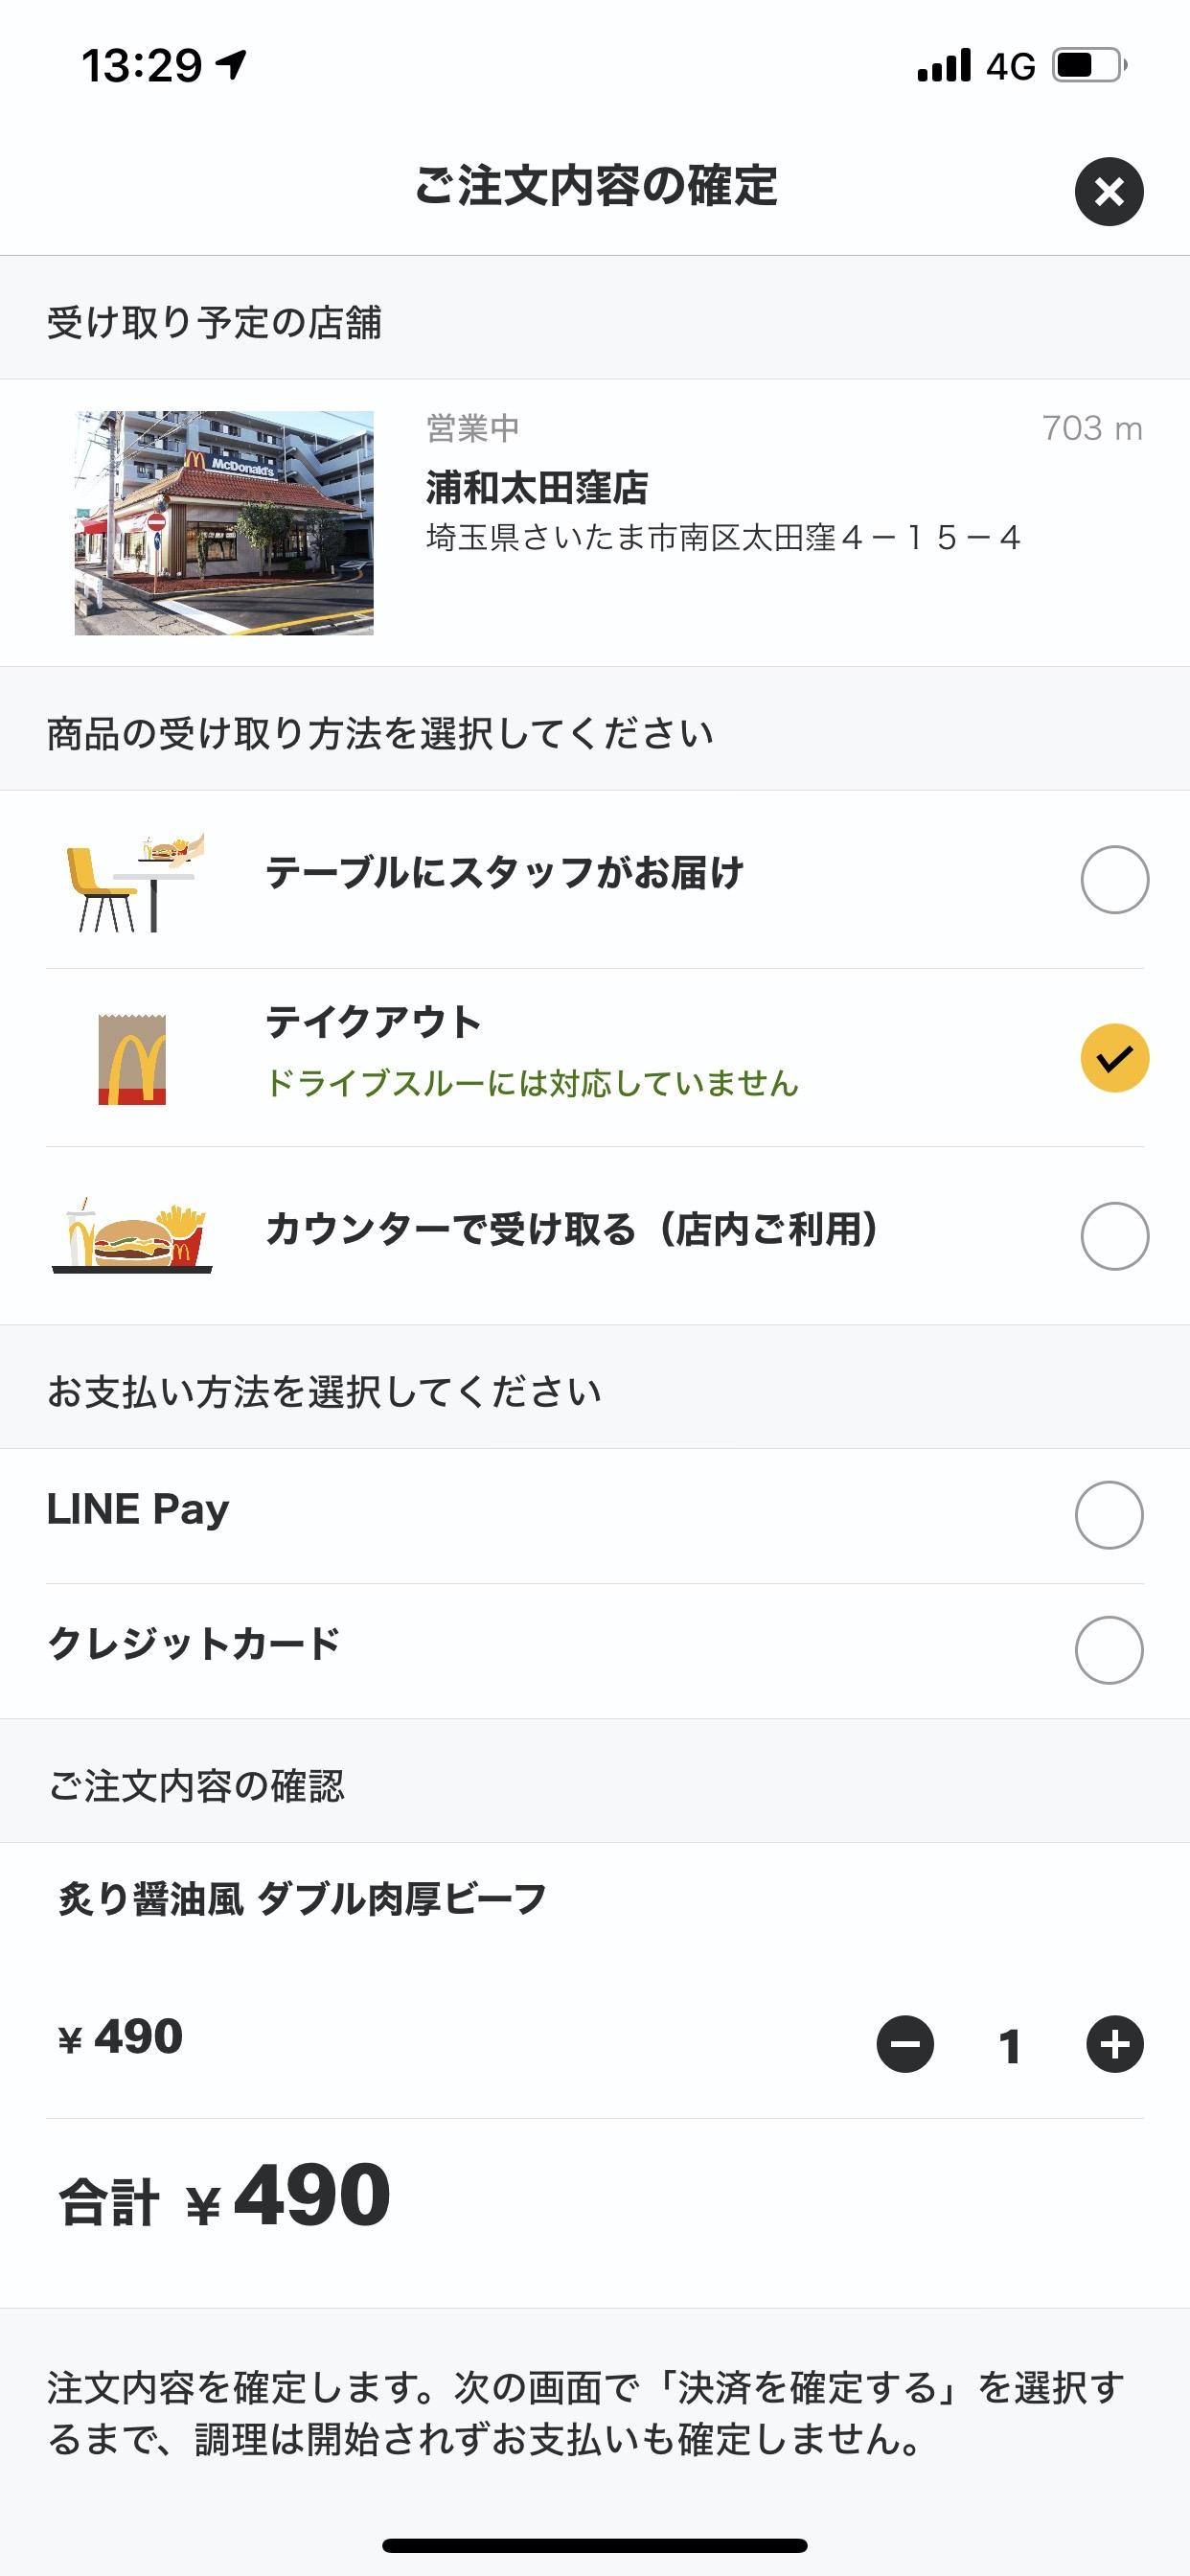 【マクドナルド】公式アプリ モバイルオーダー 7